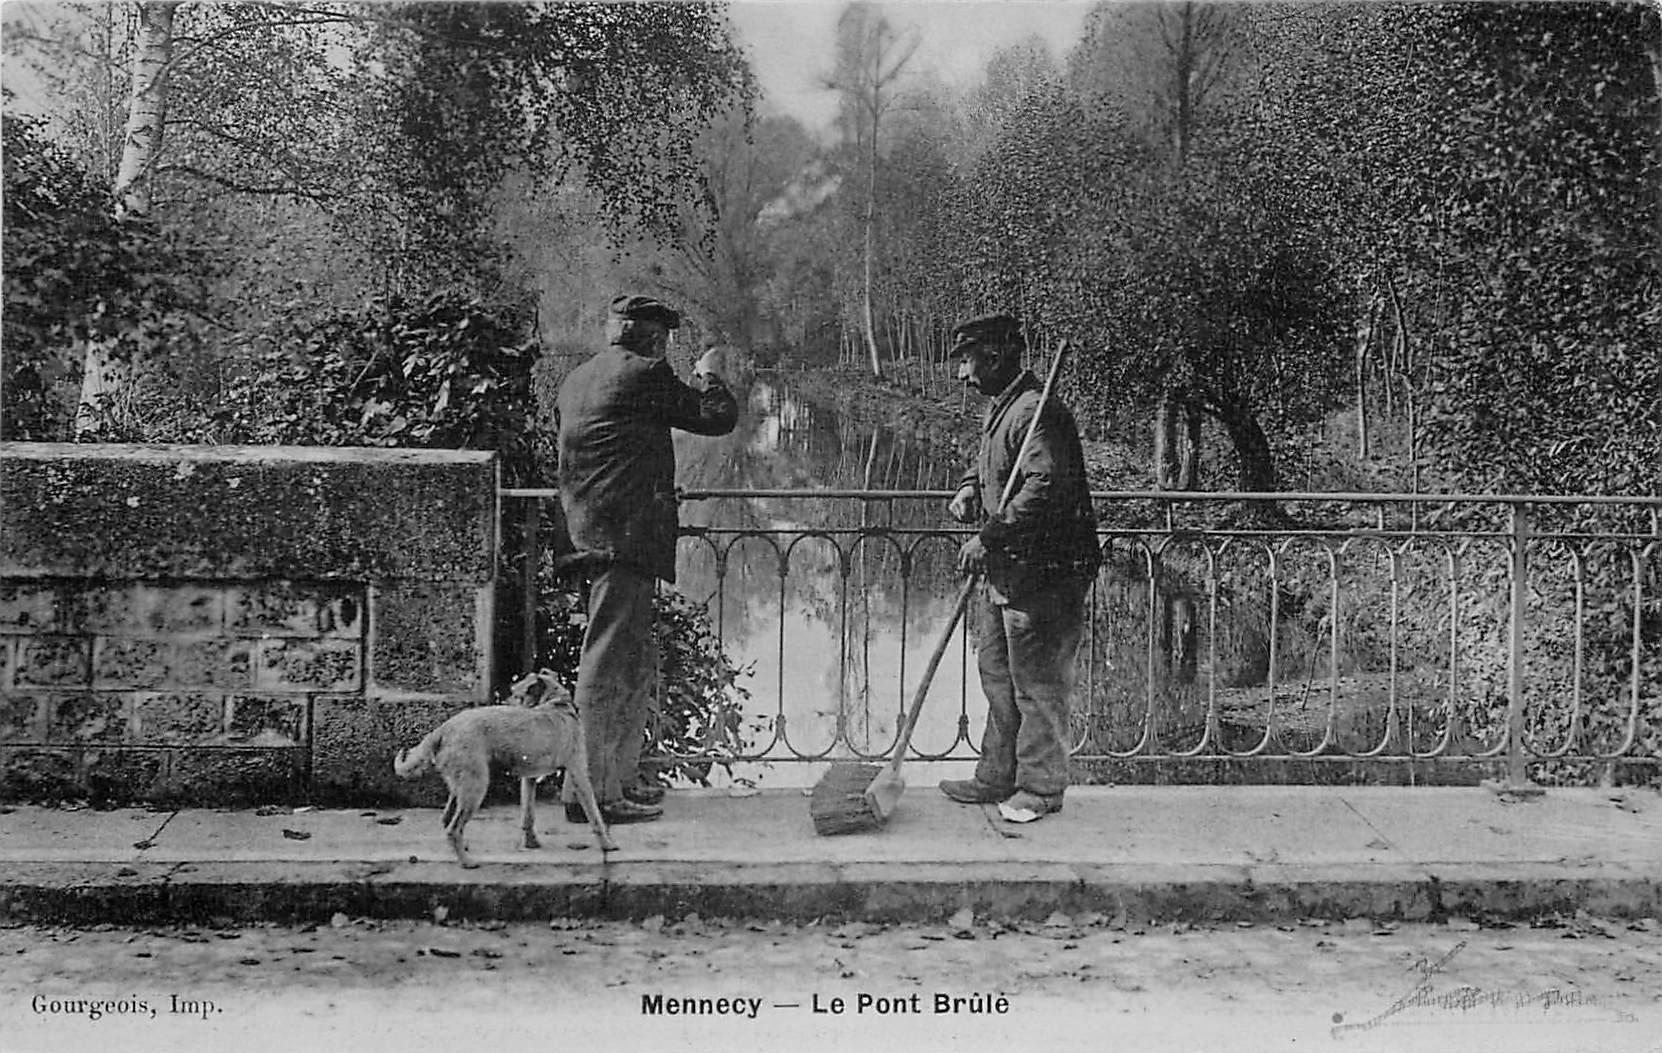 91 MENNECY. Balayeur Cantonier sur le Pont Brûlé 1915